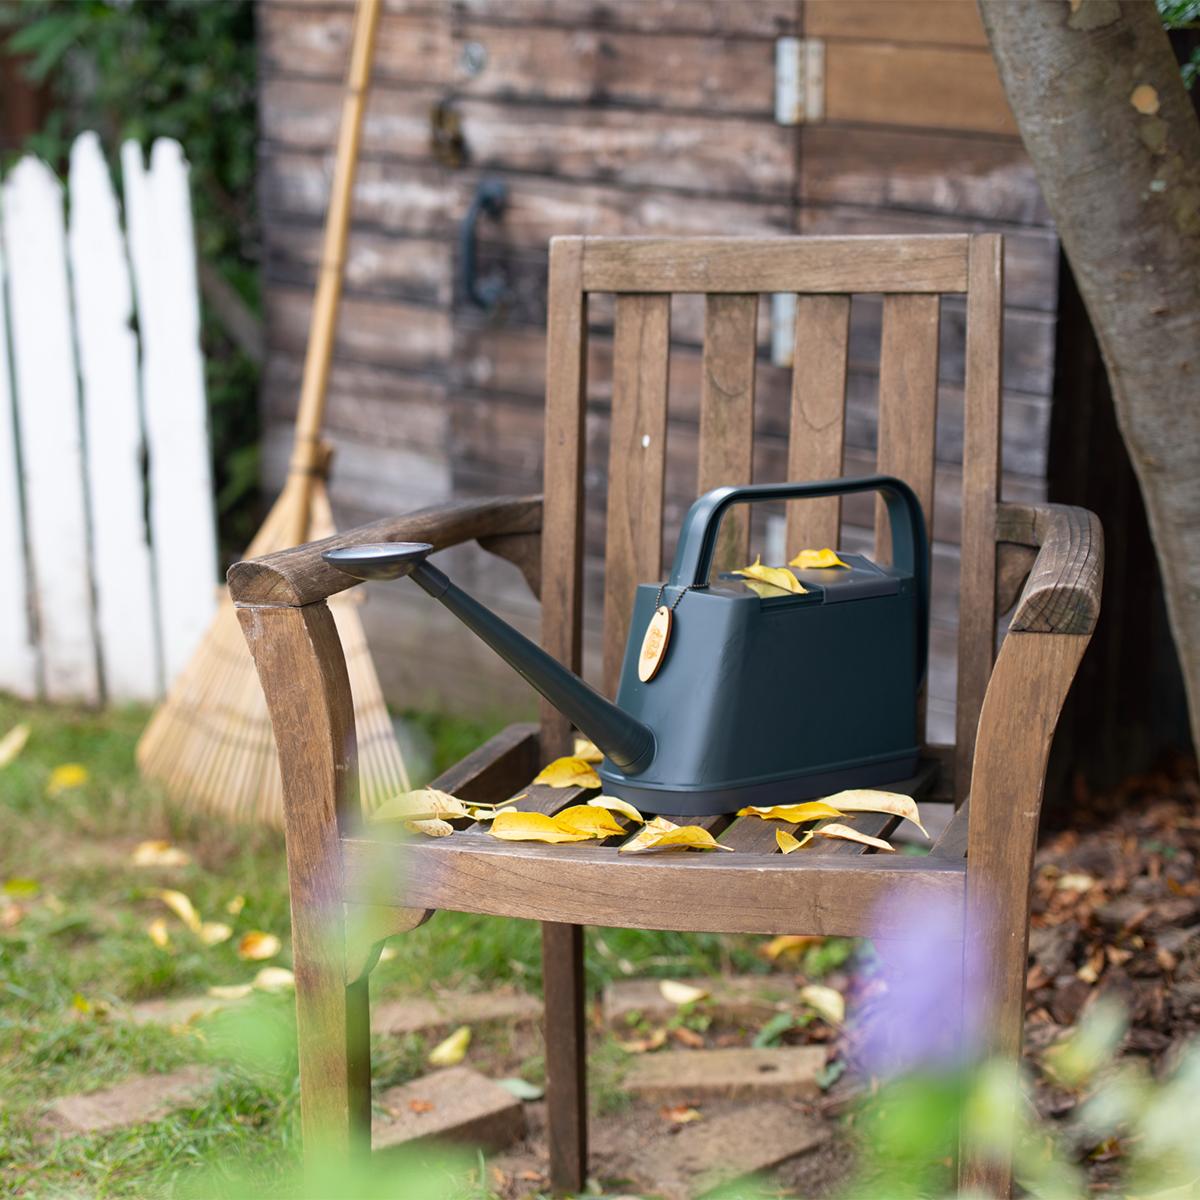 ジョウロを外へ置きっぱなしにする時も、カバーを閉めておけば、落ち葉や虫の侵入を防いでくれるので安心です。植物にやさしい、繊細な雨のような自然な水流のジョウロ|Royal Gardeners Club